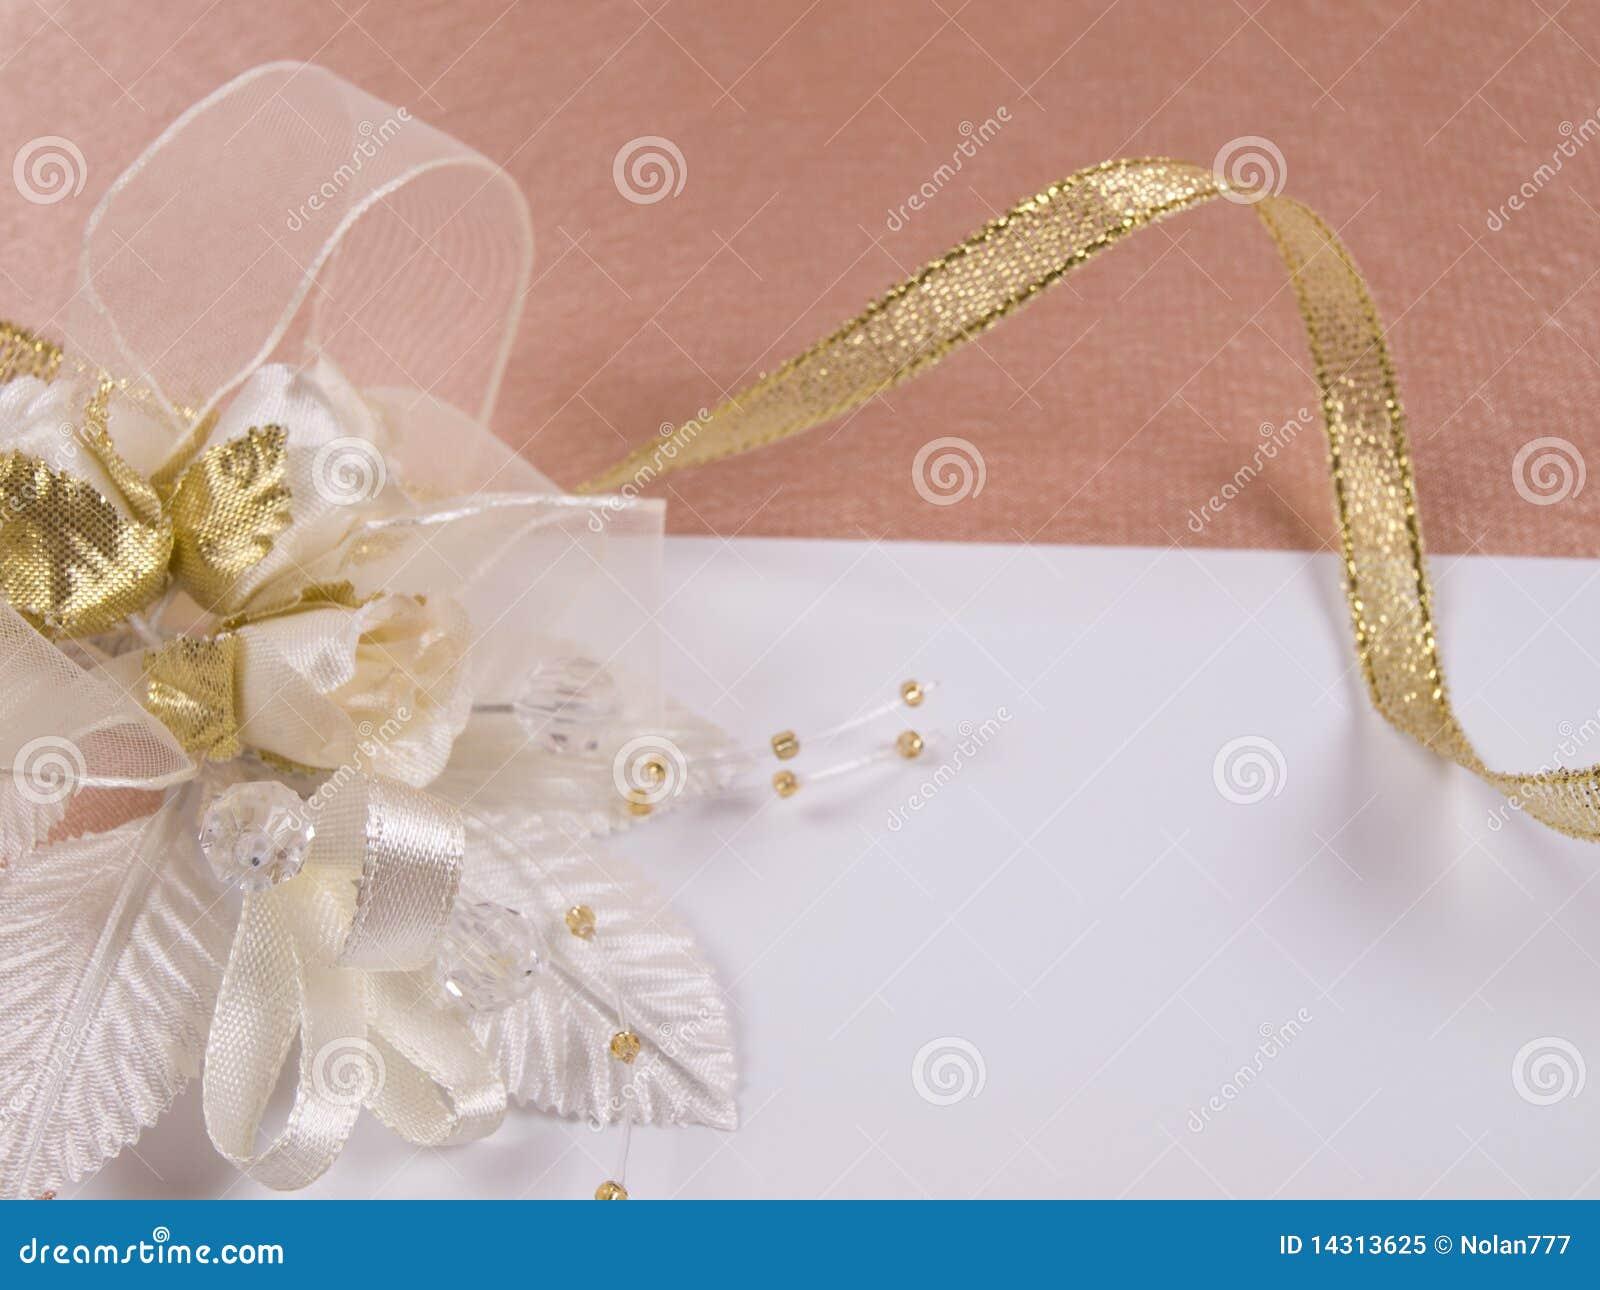 Accessorie di cerimonie nuziali un occhiello